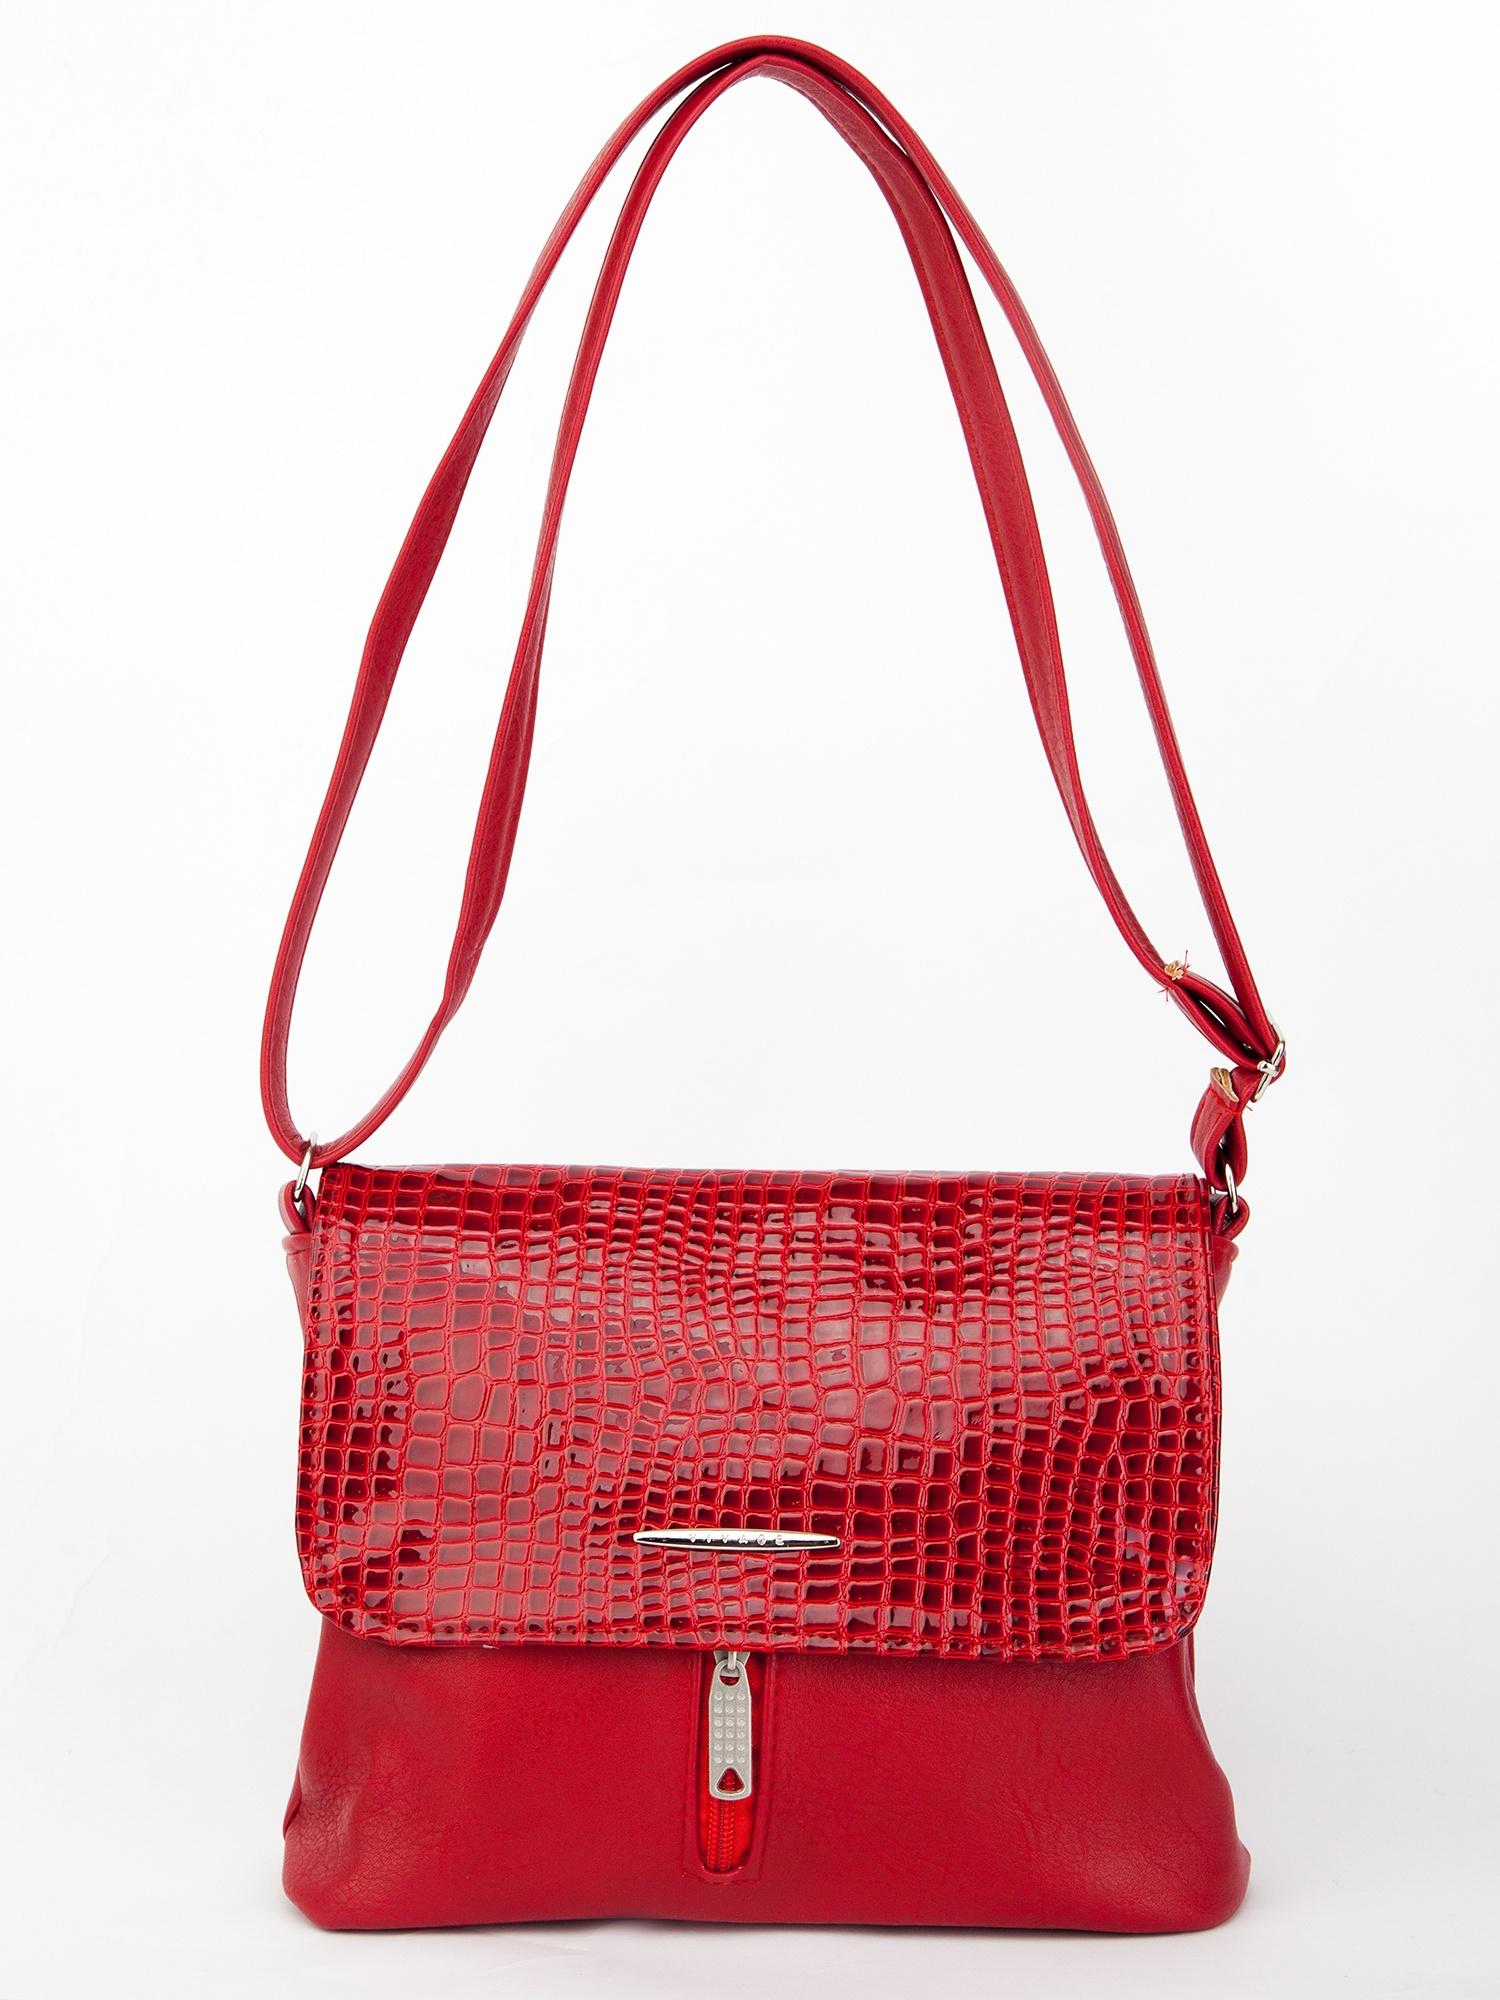 Сумка Мастер Дизайн 210-RED-lac/, красный ключница мастер дизайн 002 red lac 002 red lac красный